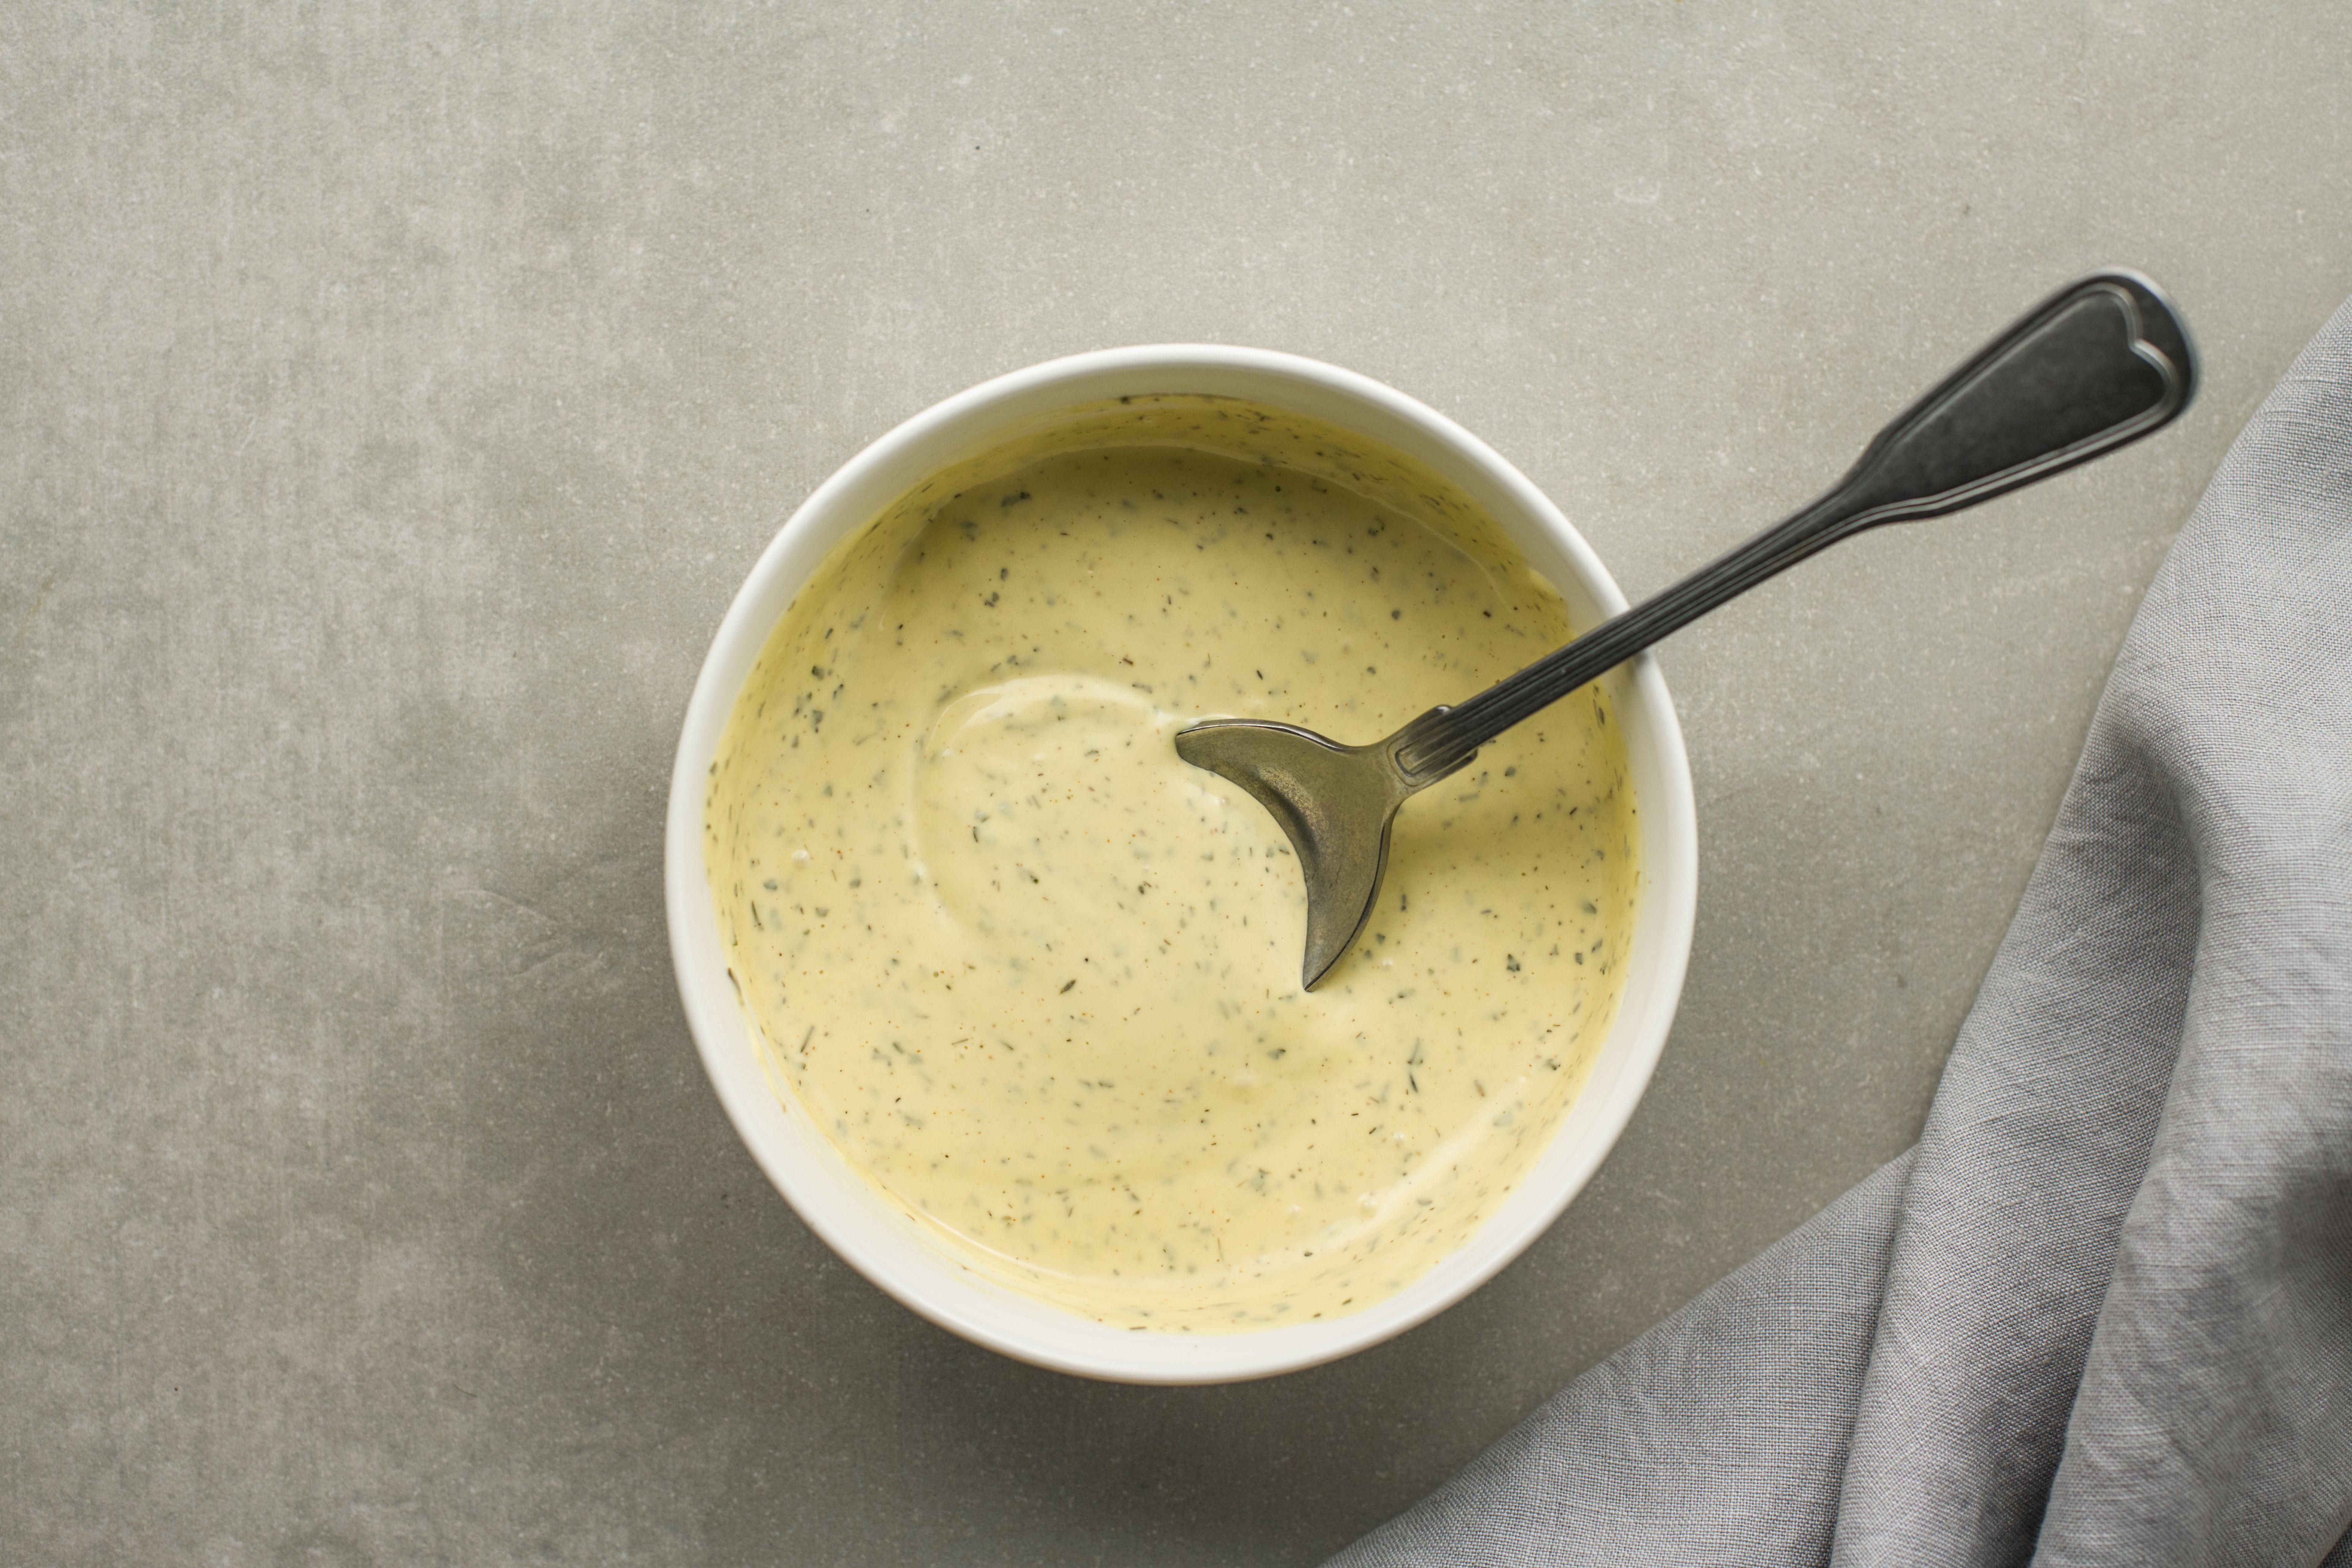 Combine mayo and honey mustard